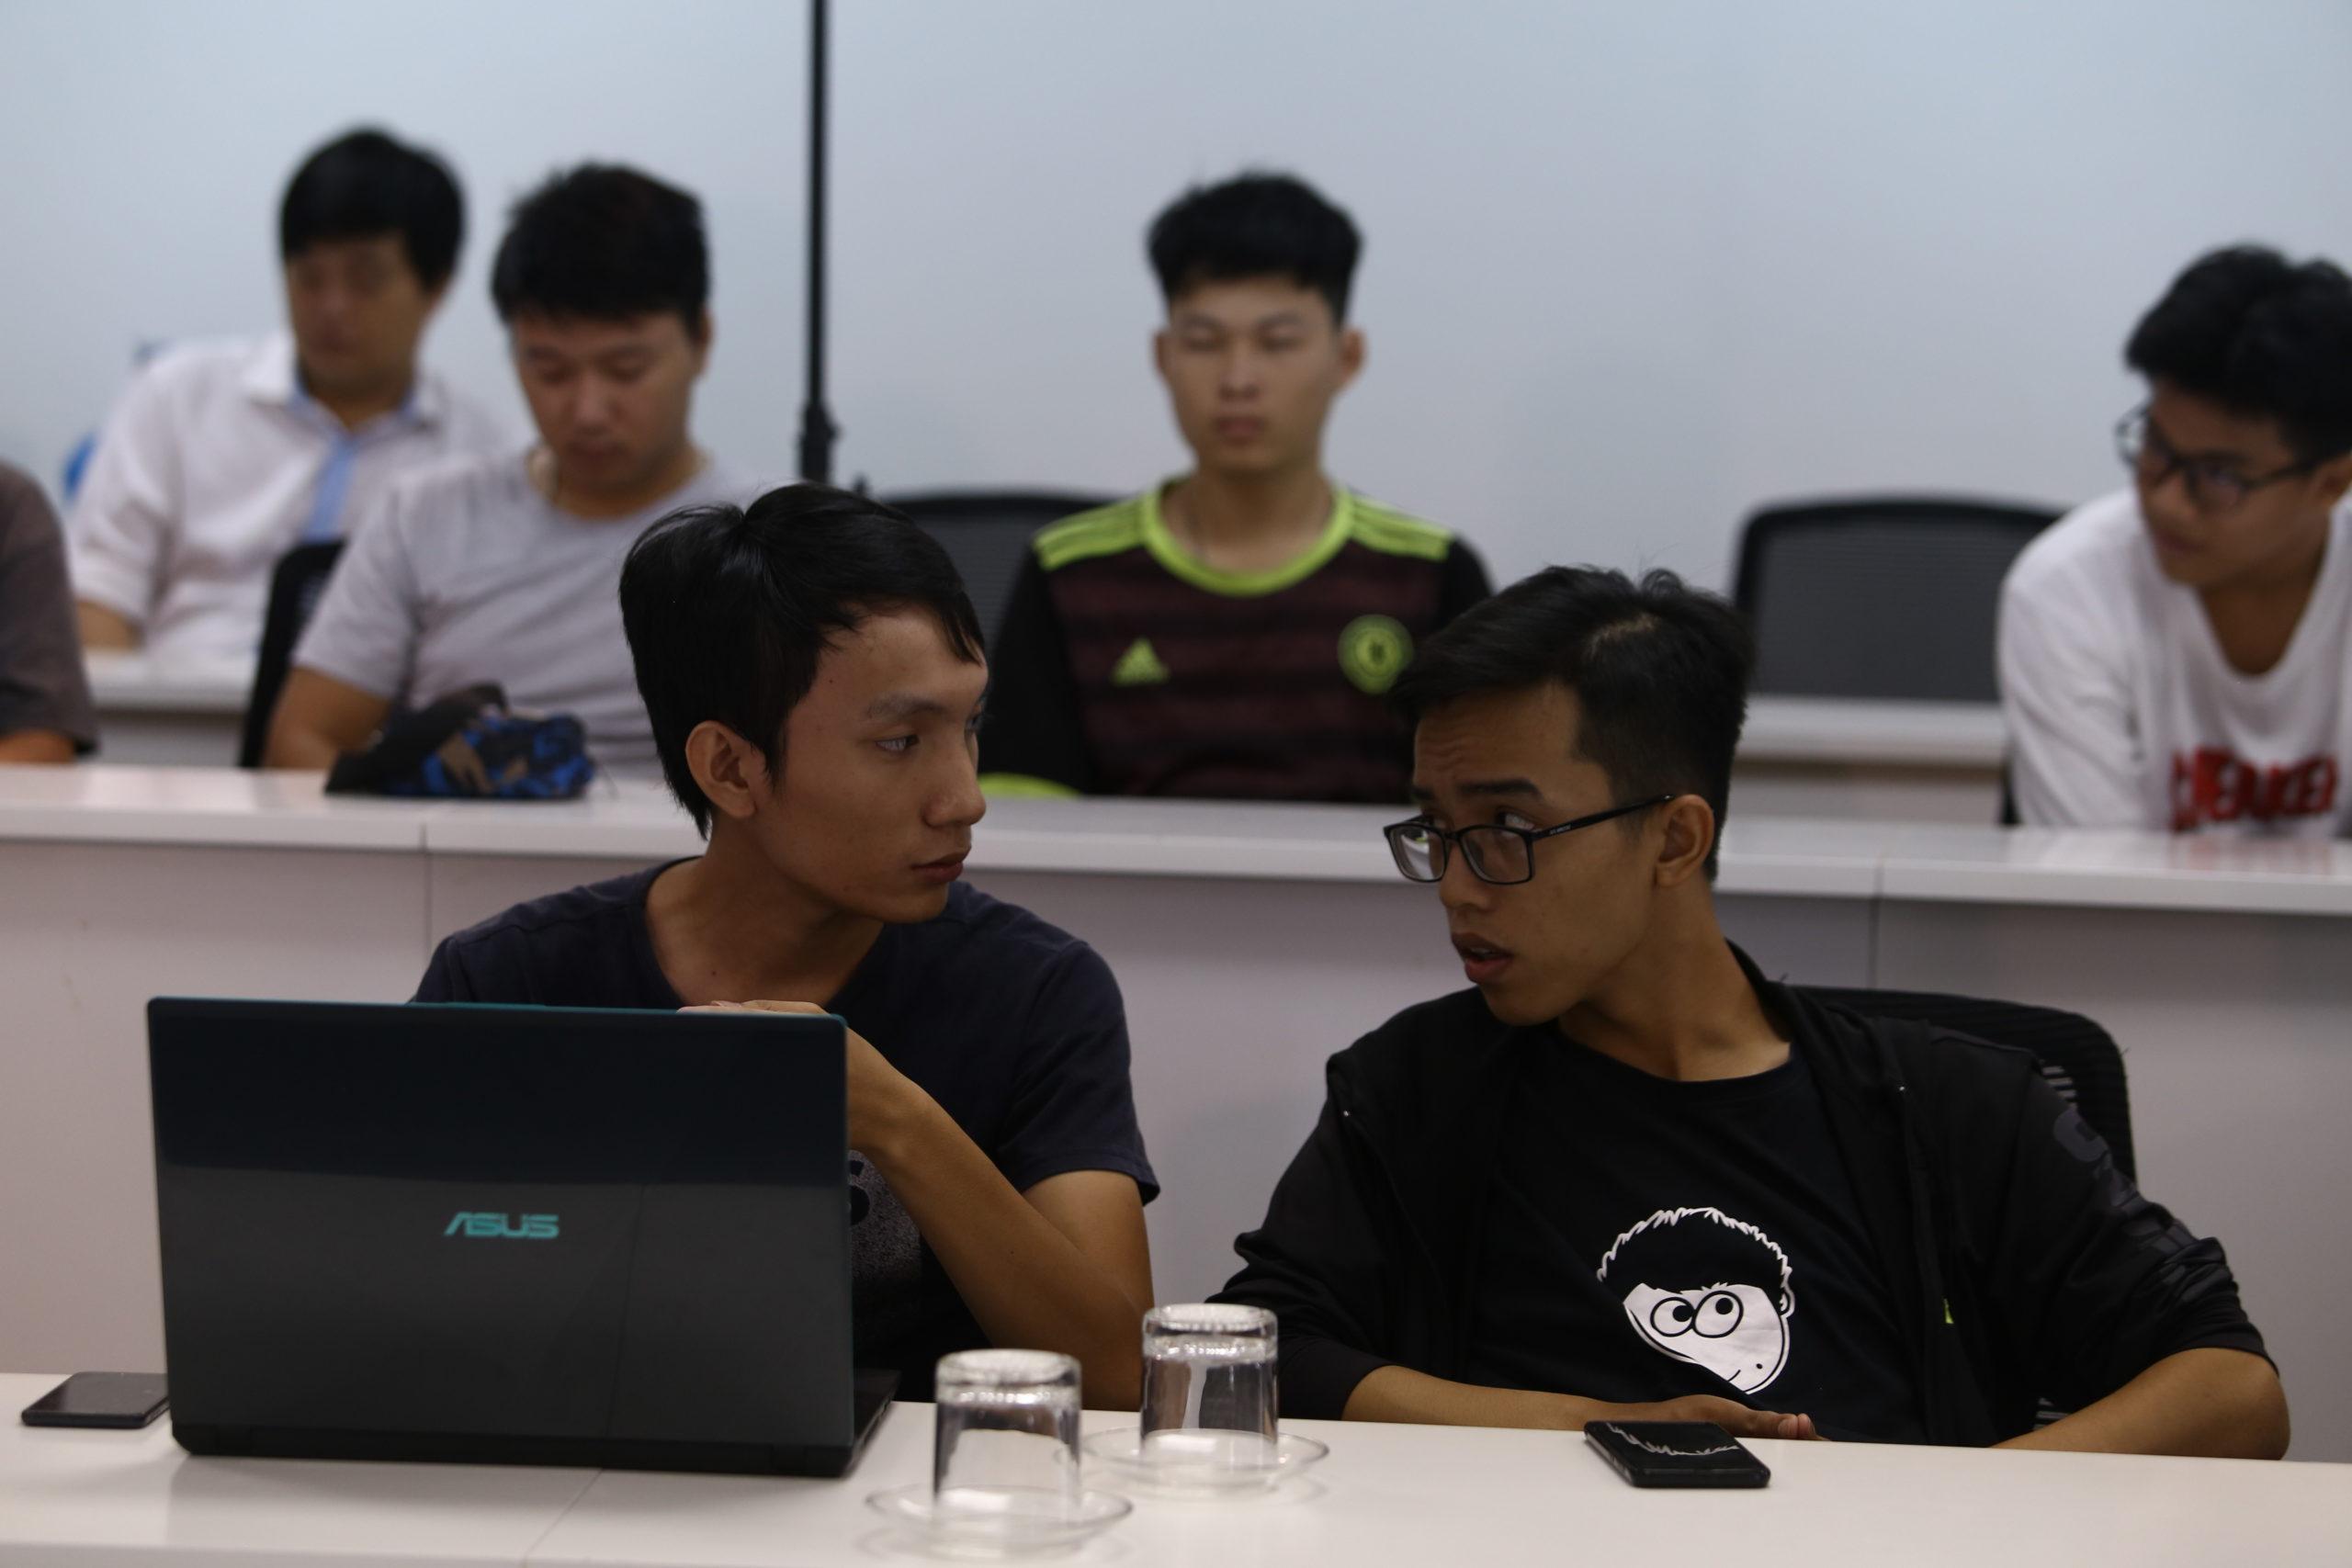 """Tọa đàm: """"Vững bước tương lai với đam mê công nghệ"""" tại Đại học Thái Bình Dương"""